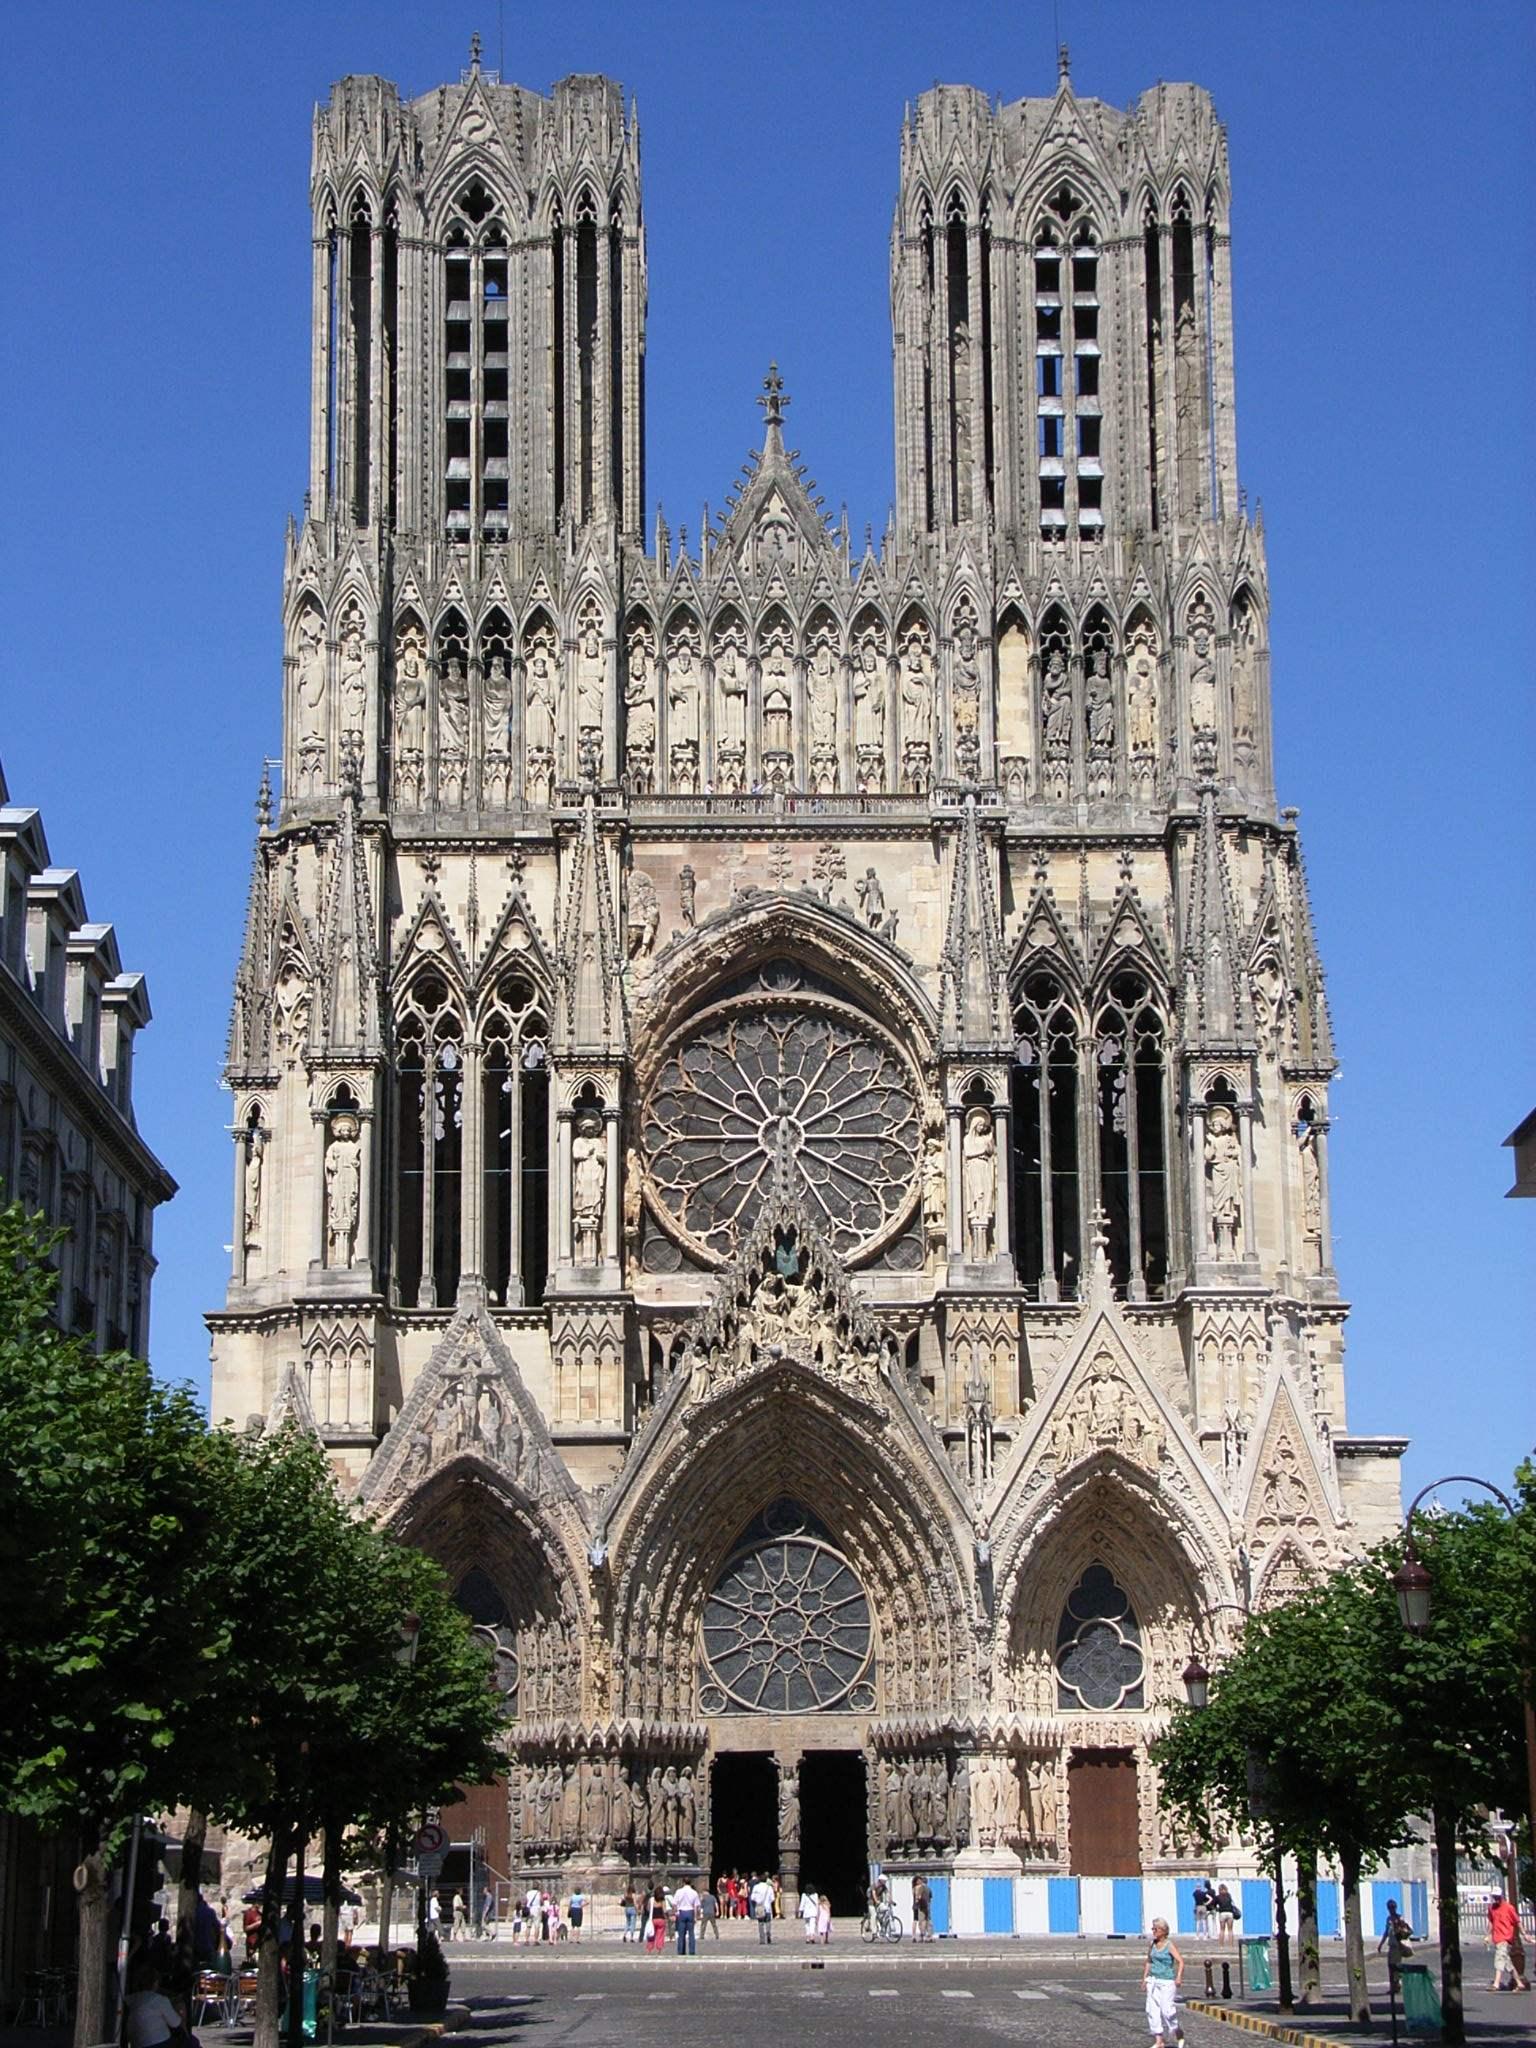 Cathédrale de Reims (2006) @wikimedia commons / bodoklecksel